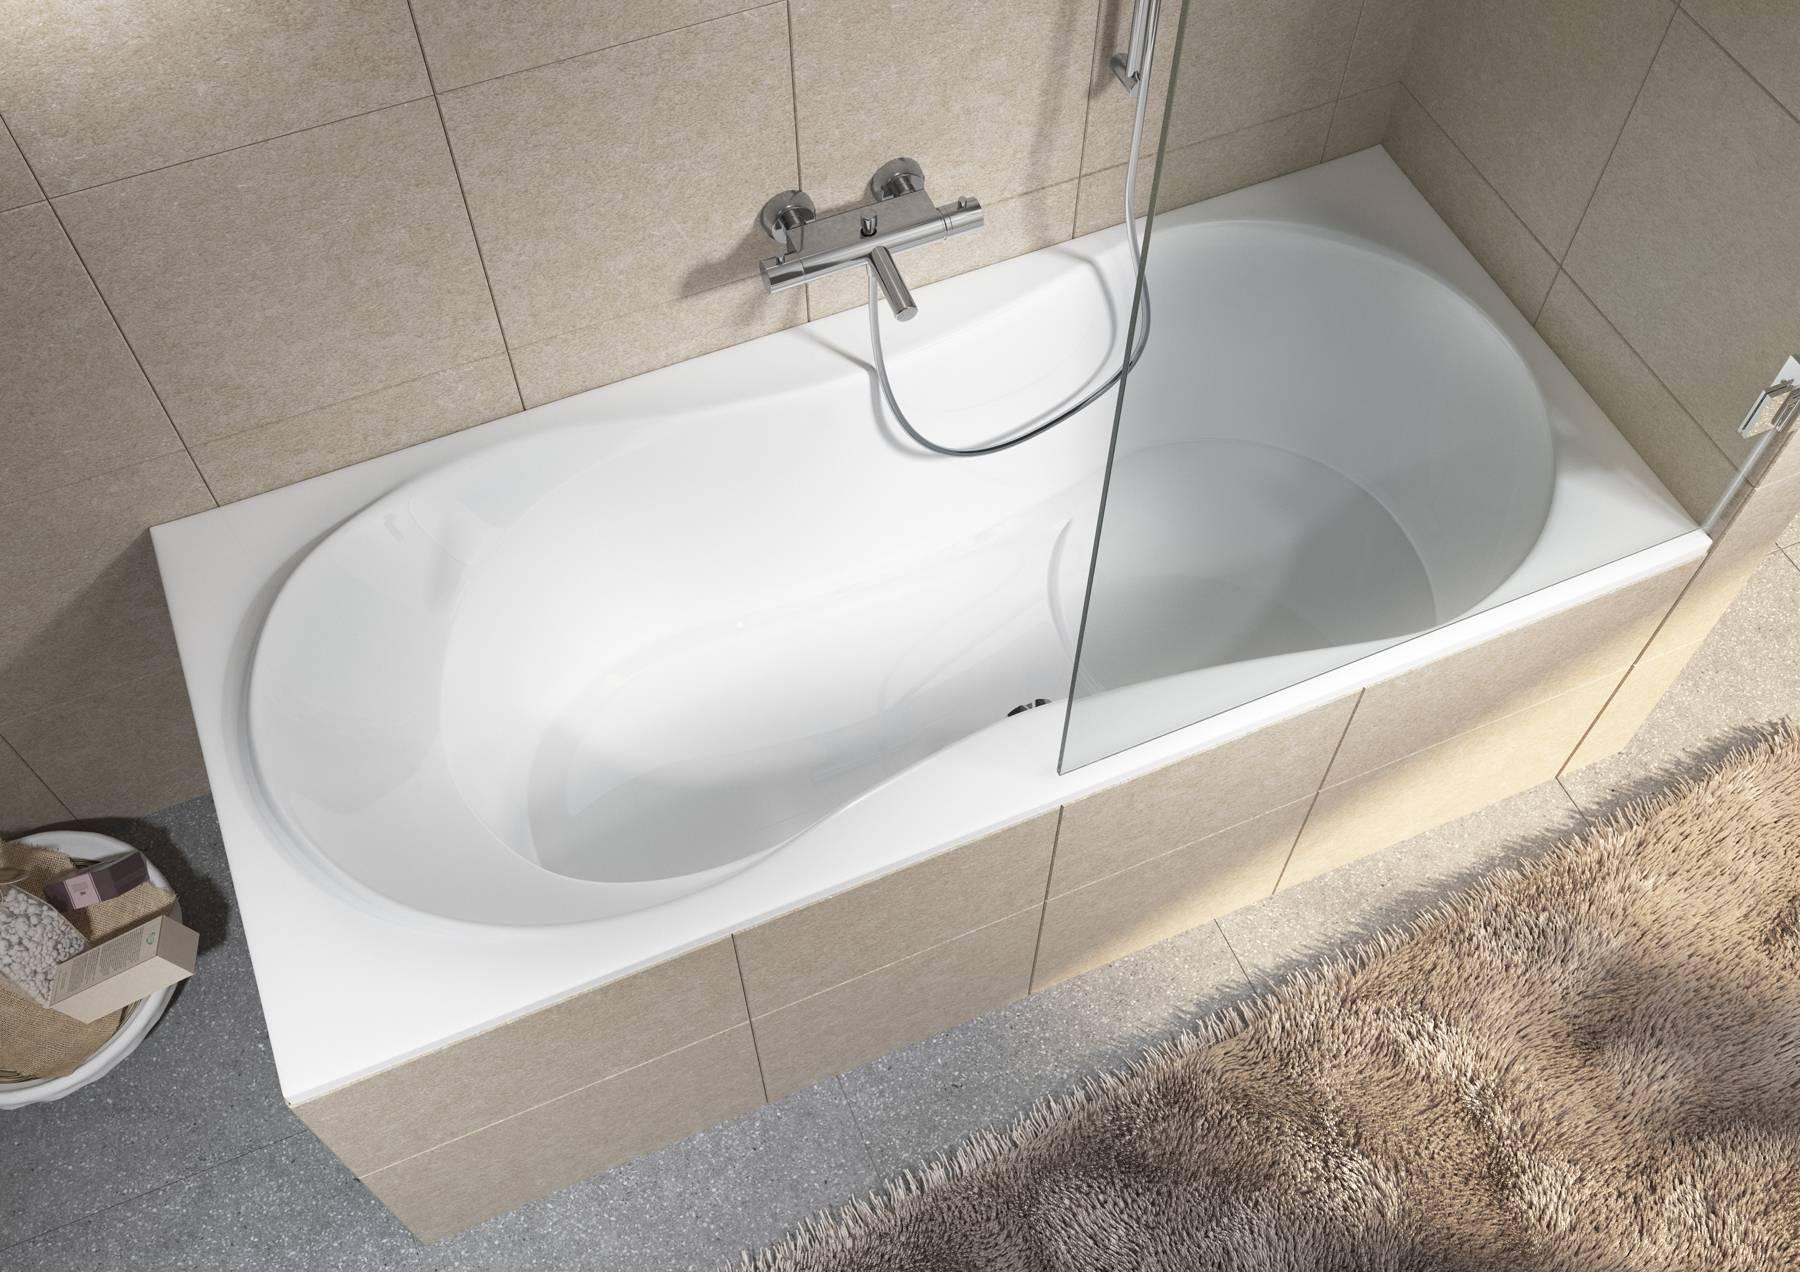 Какая ванна лучше акриловая или стальная - какую купить, отзывы